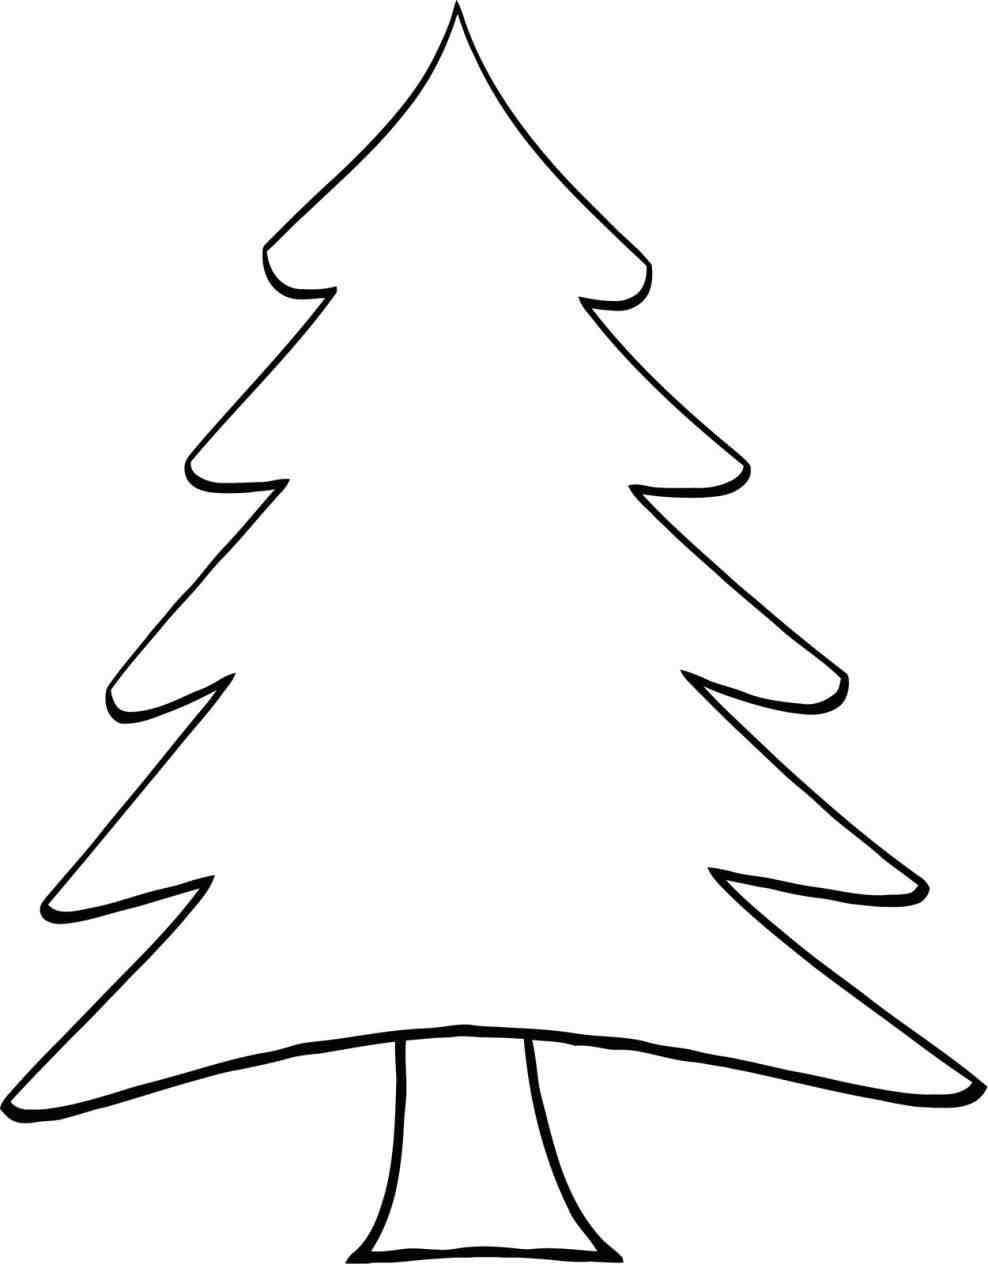 988x1264 Simple Christmas Tree Drawing. Christmas Tree Drawing 2. Christmas